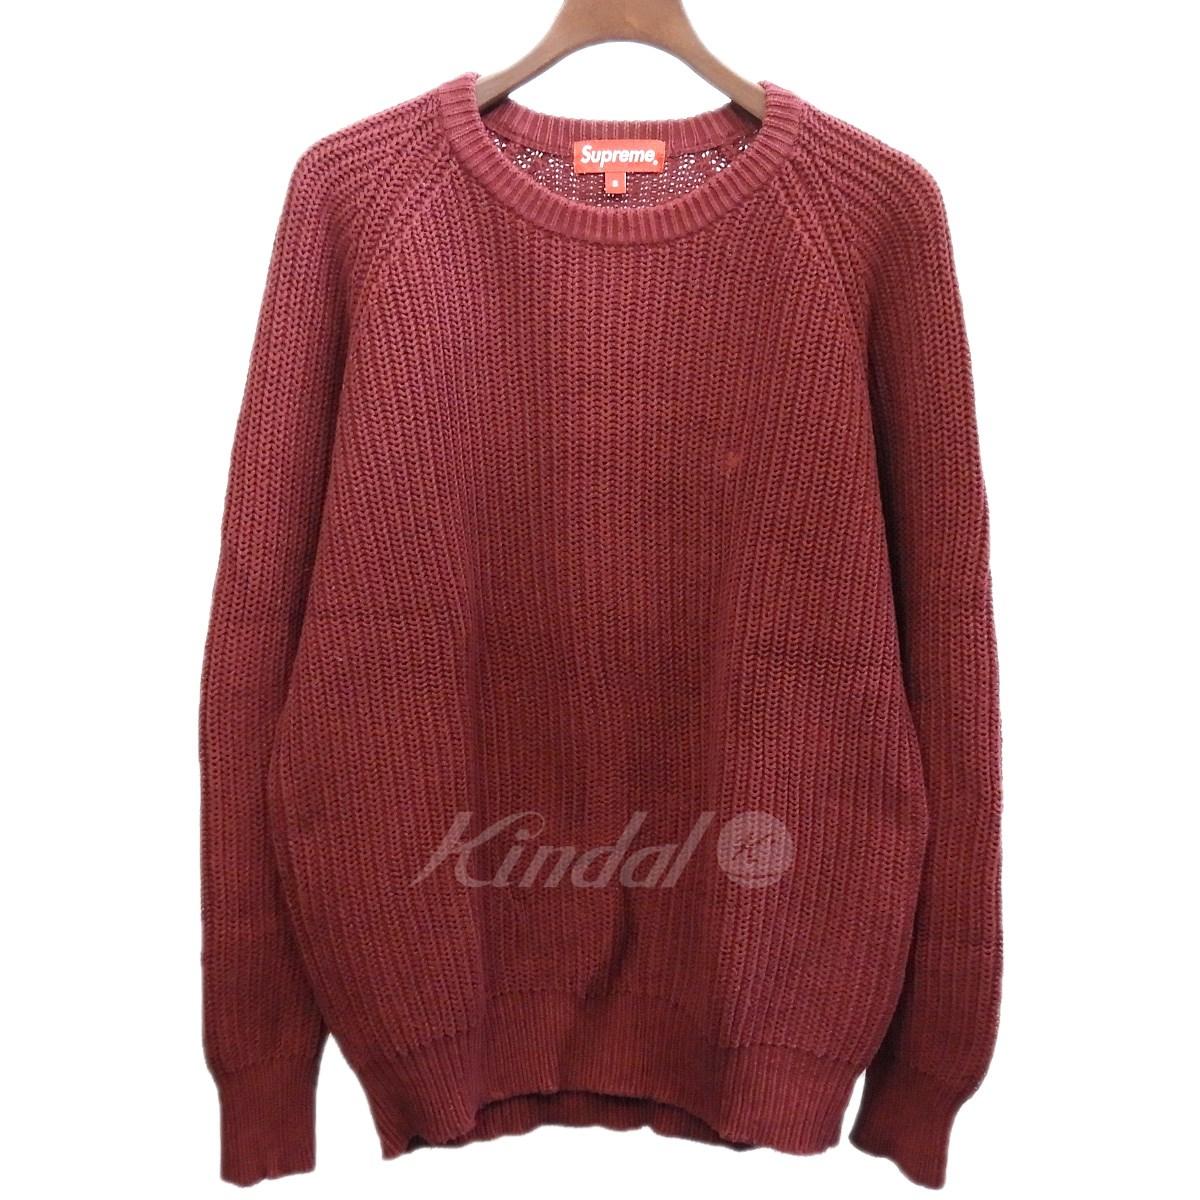 【中古】SUPREME 14AW「Rib Crewneck Seweater」リブクルーネックニットセーター 【送料無料】 【175073】 【KIND1641】